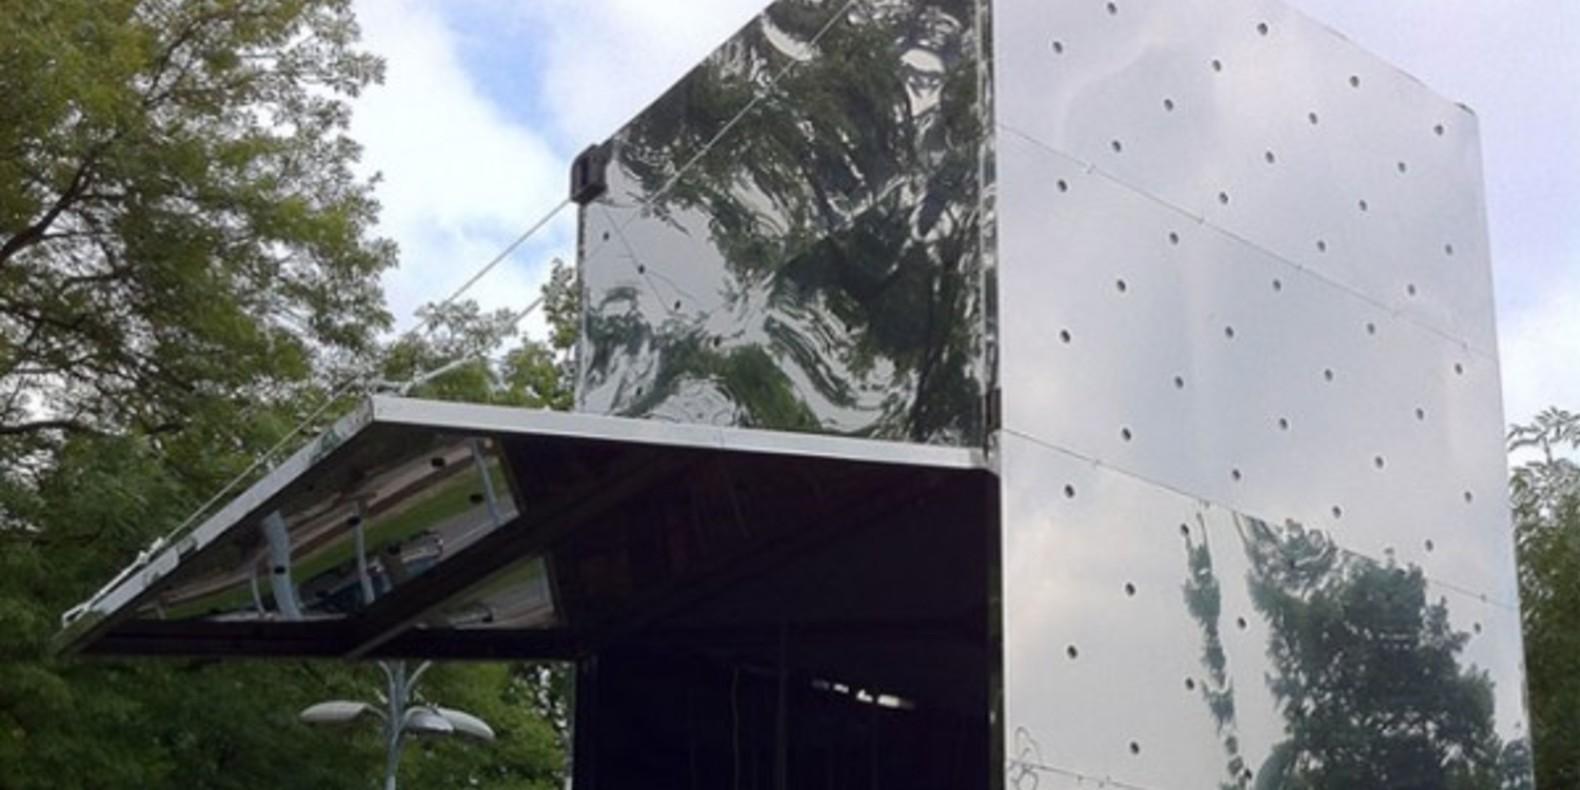 kamermaker dusarchitects amsterdam 3D printed house maison imprimée en 3D impression fichier cults3D cults 6